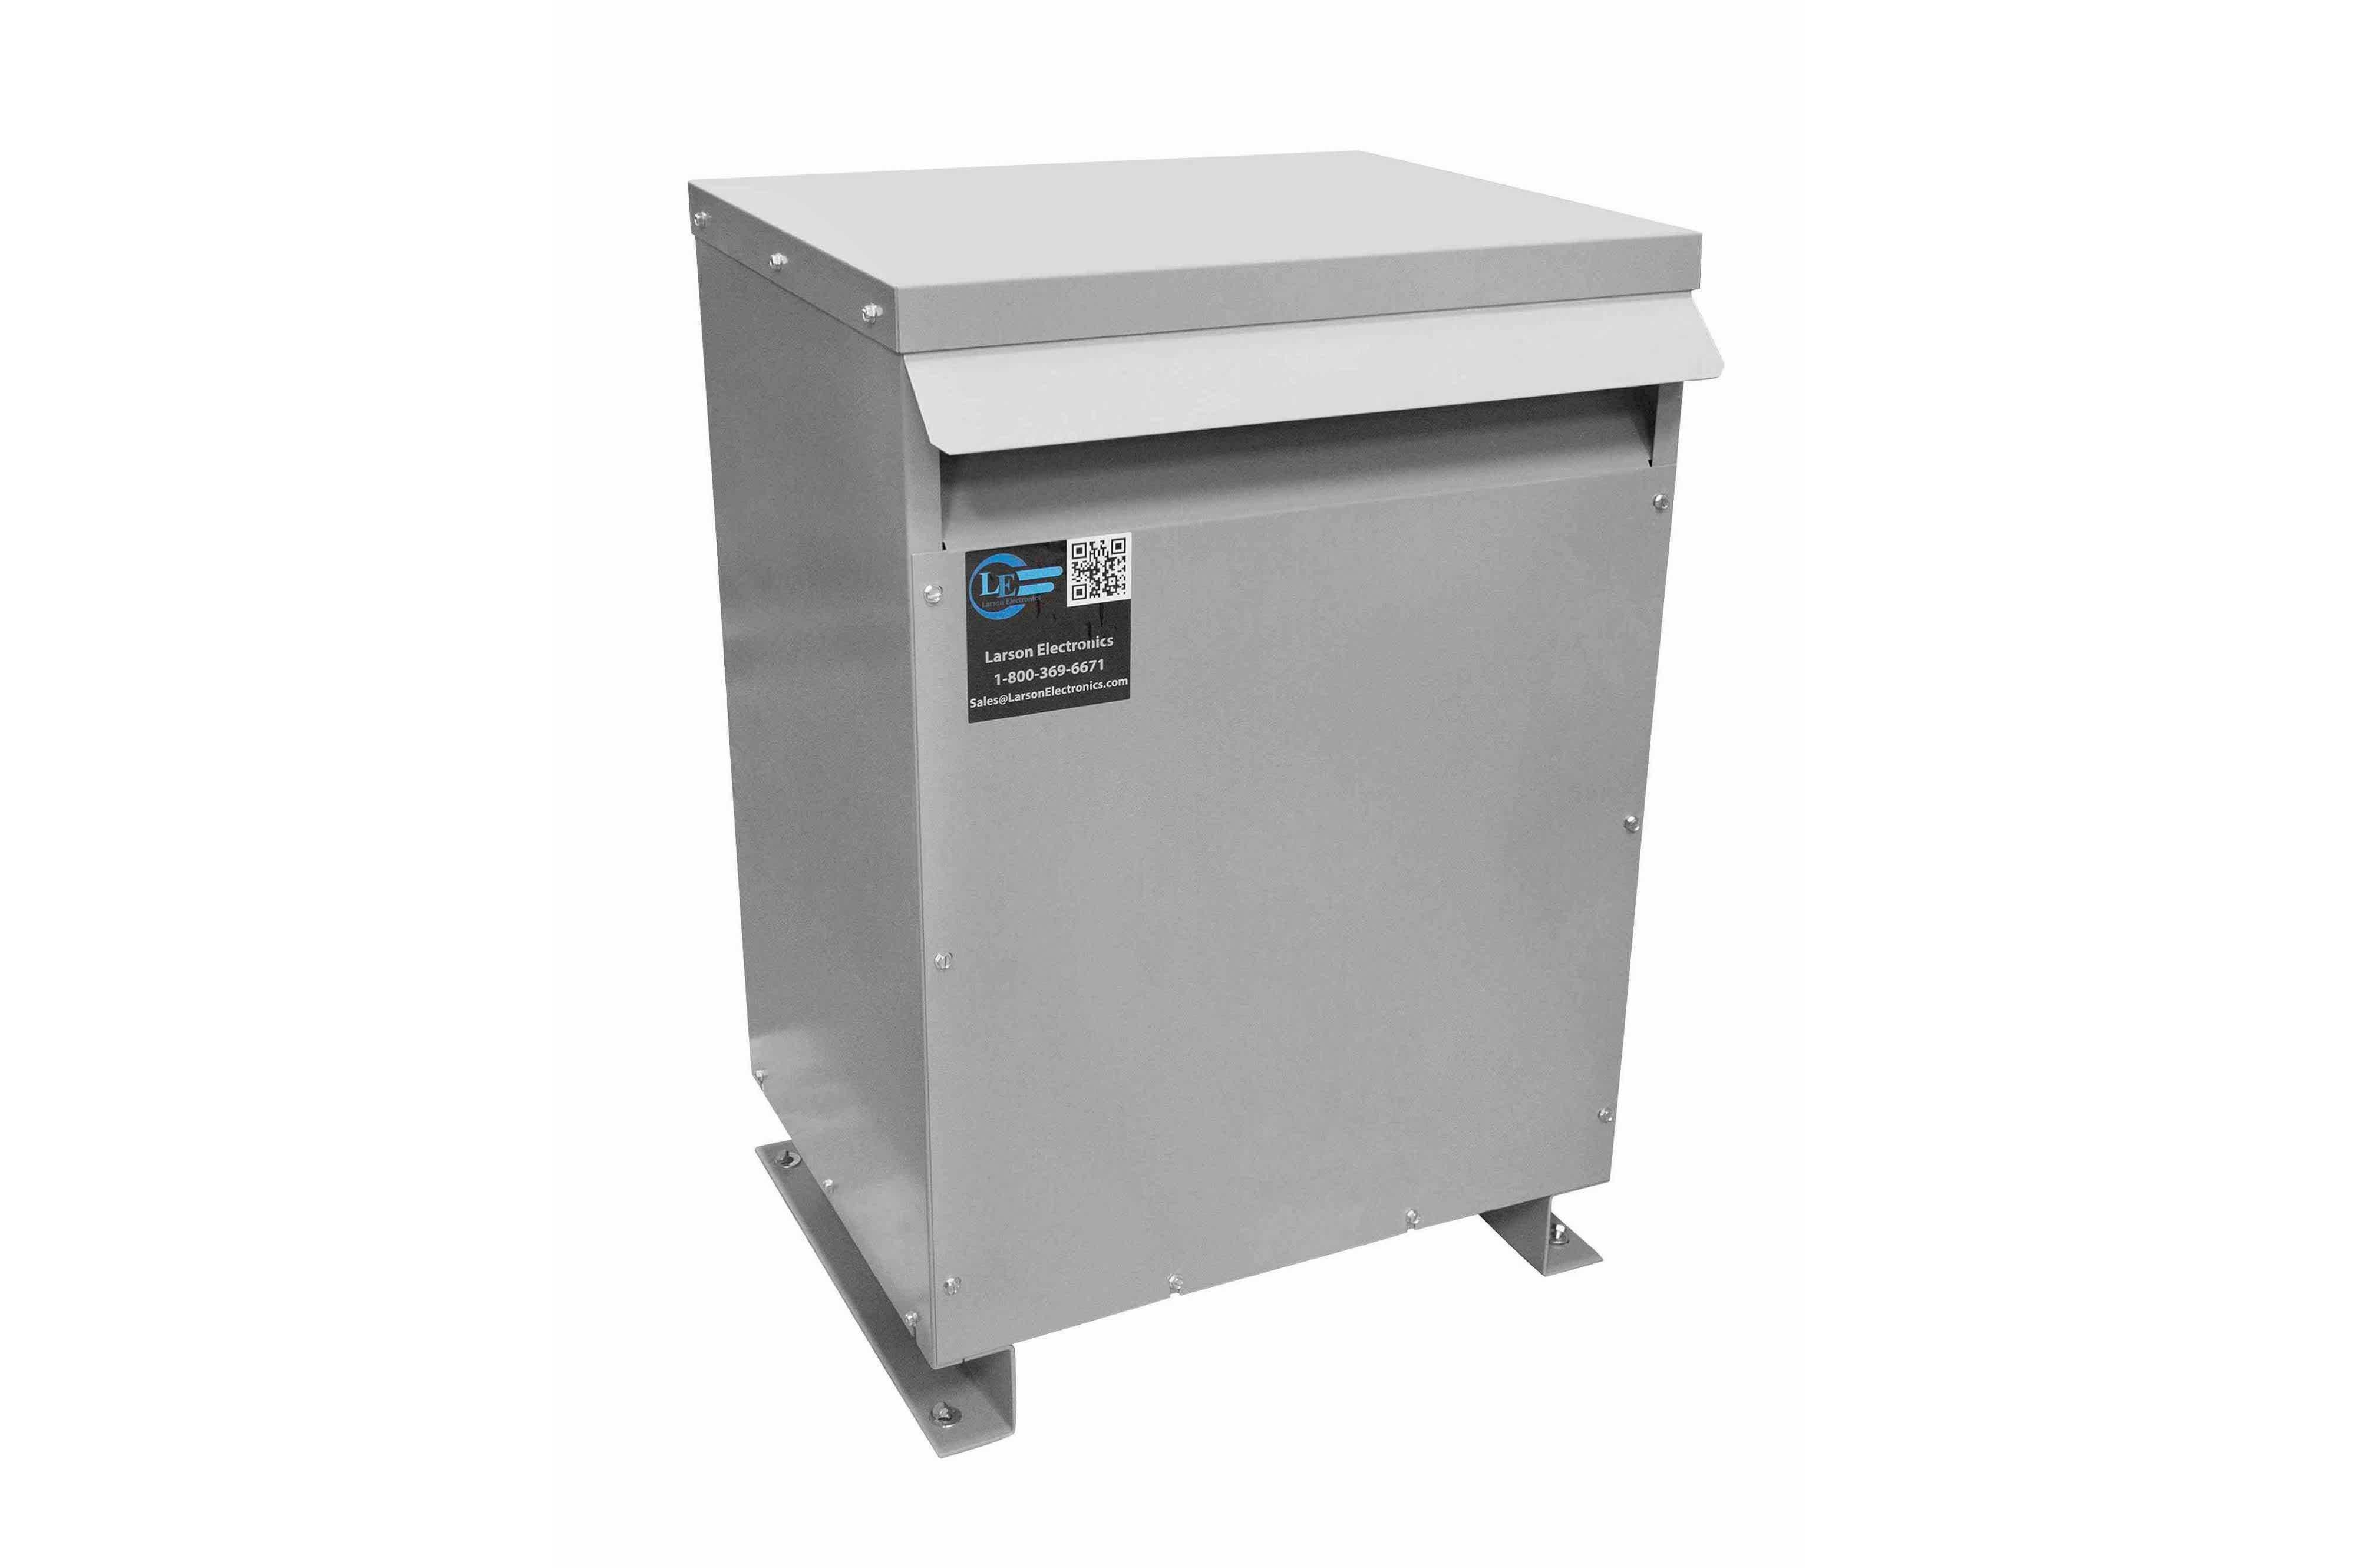 30 kVA 3PH DOE Transformer, 380V Delta Primary, 240V/120 Delta Secondary, N3R, Ventilated, 60 Hz